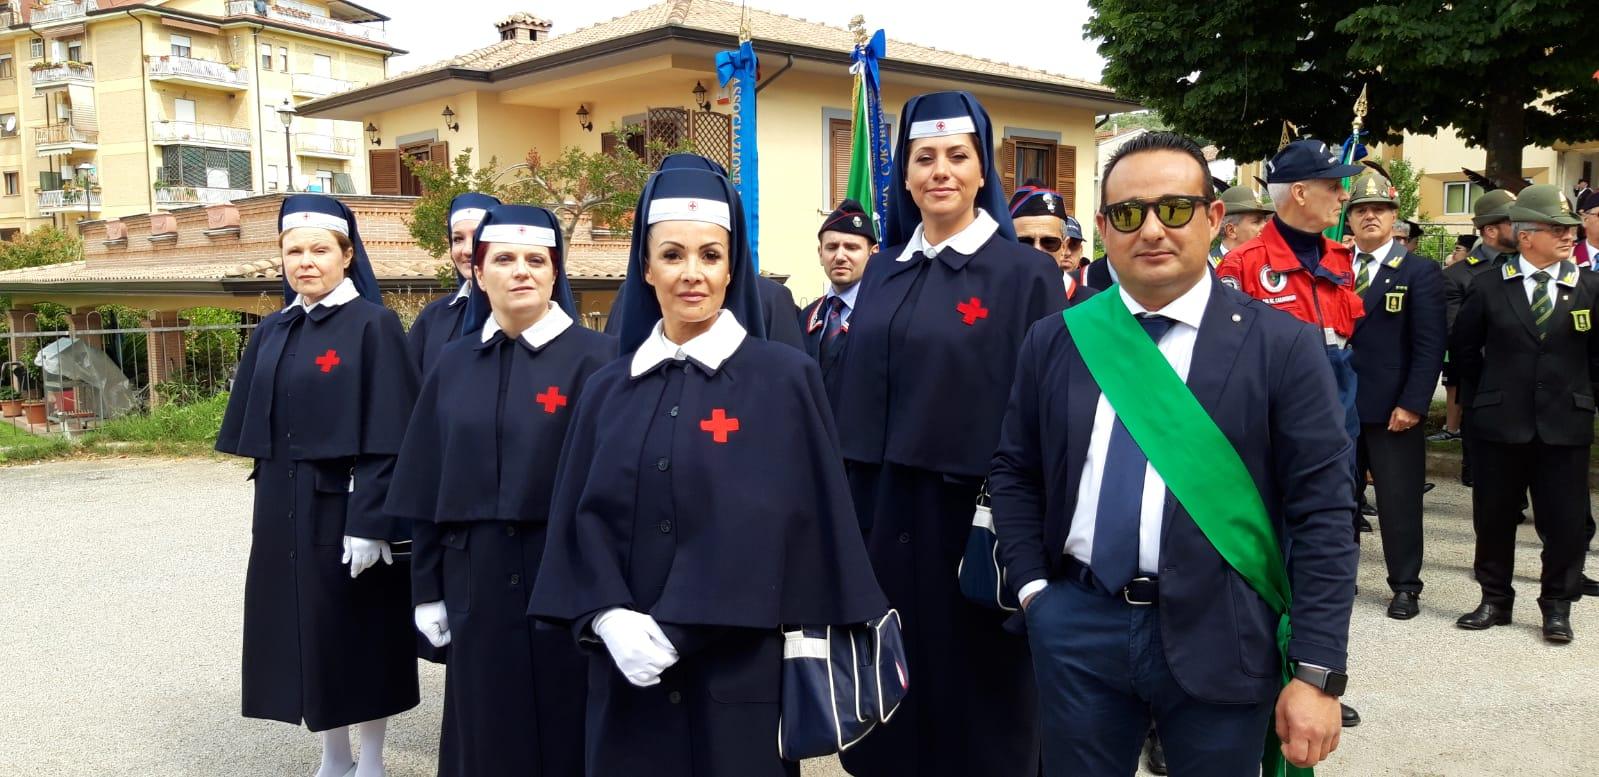 liberazione75esimo (12)